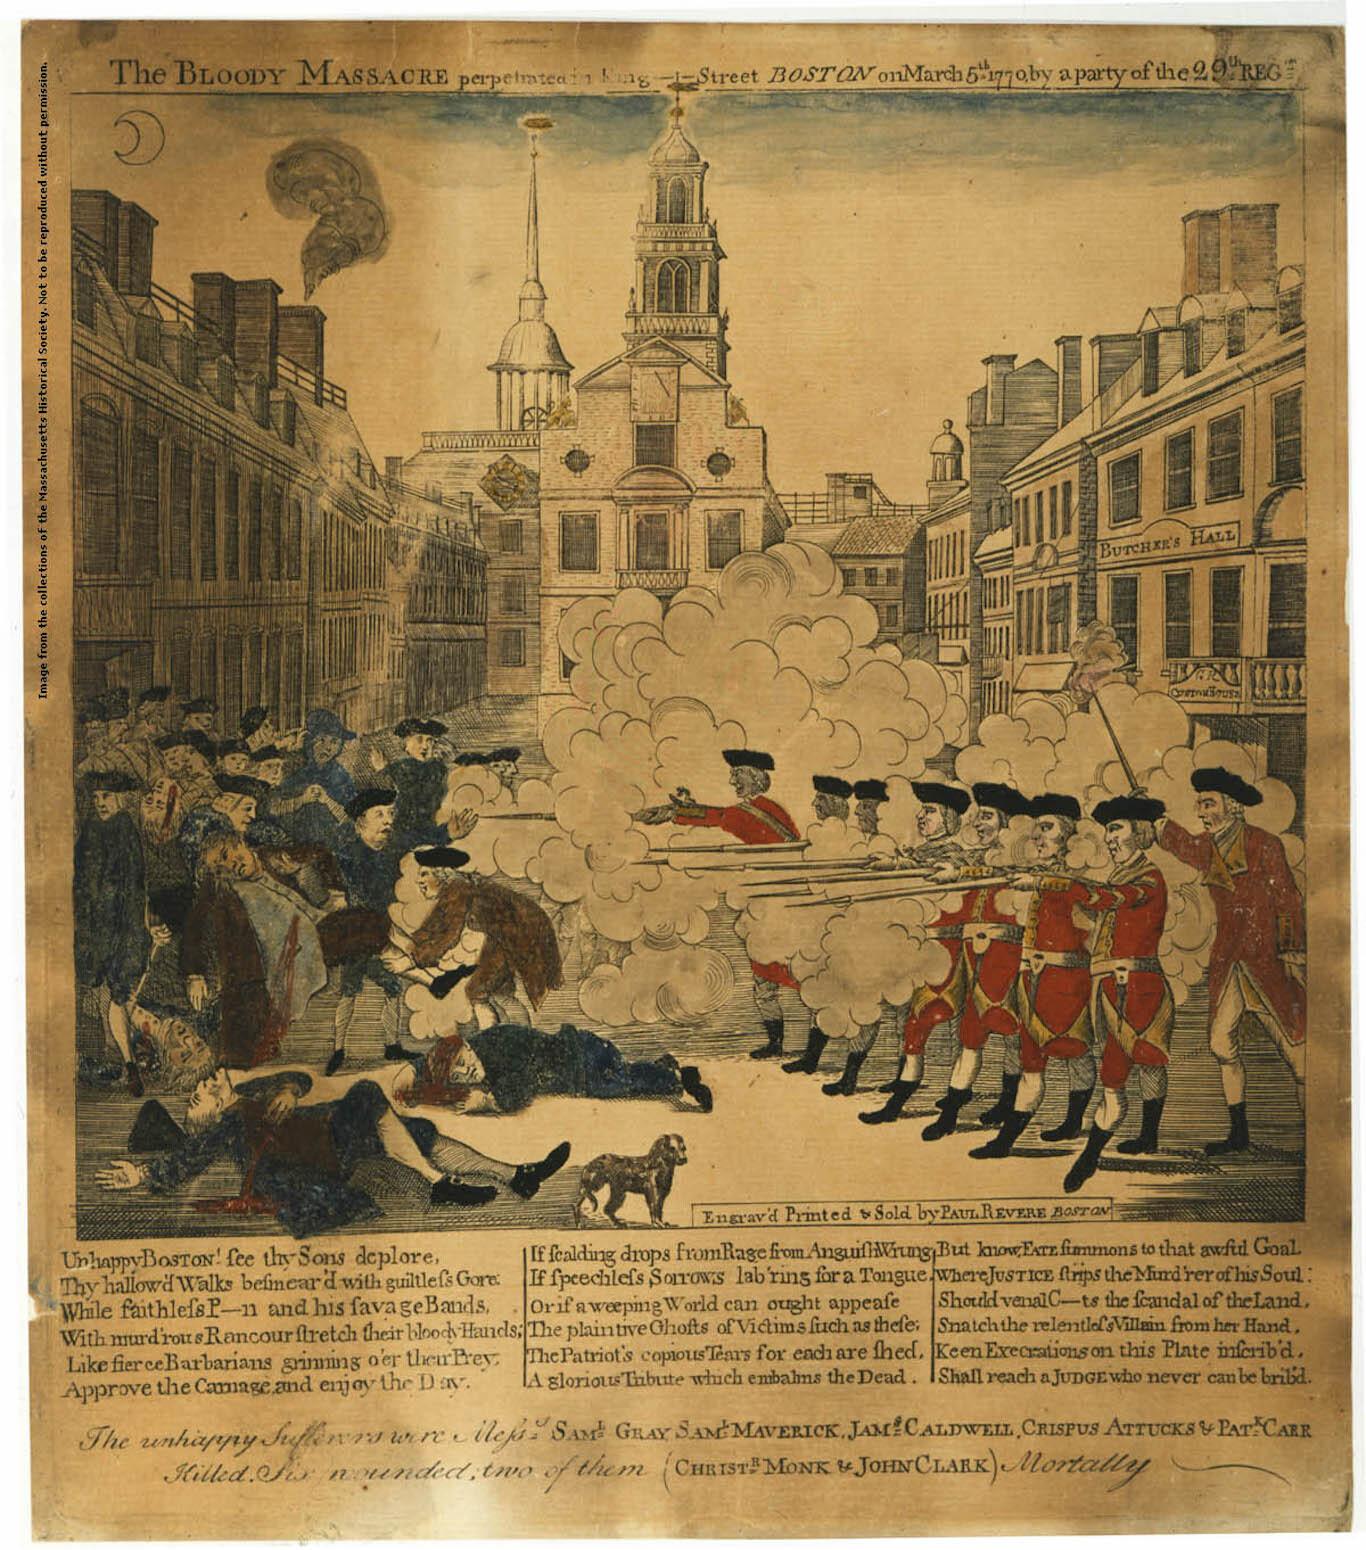 florsheim shoes boston massacre engraving analysis